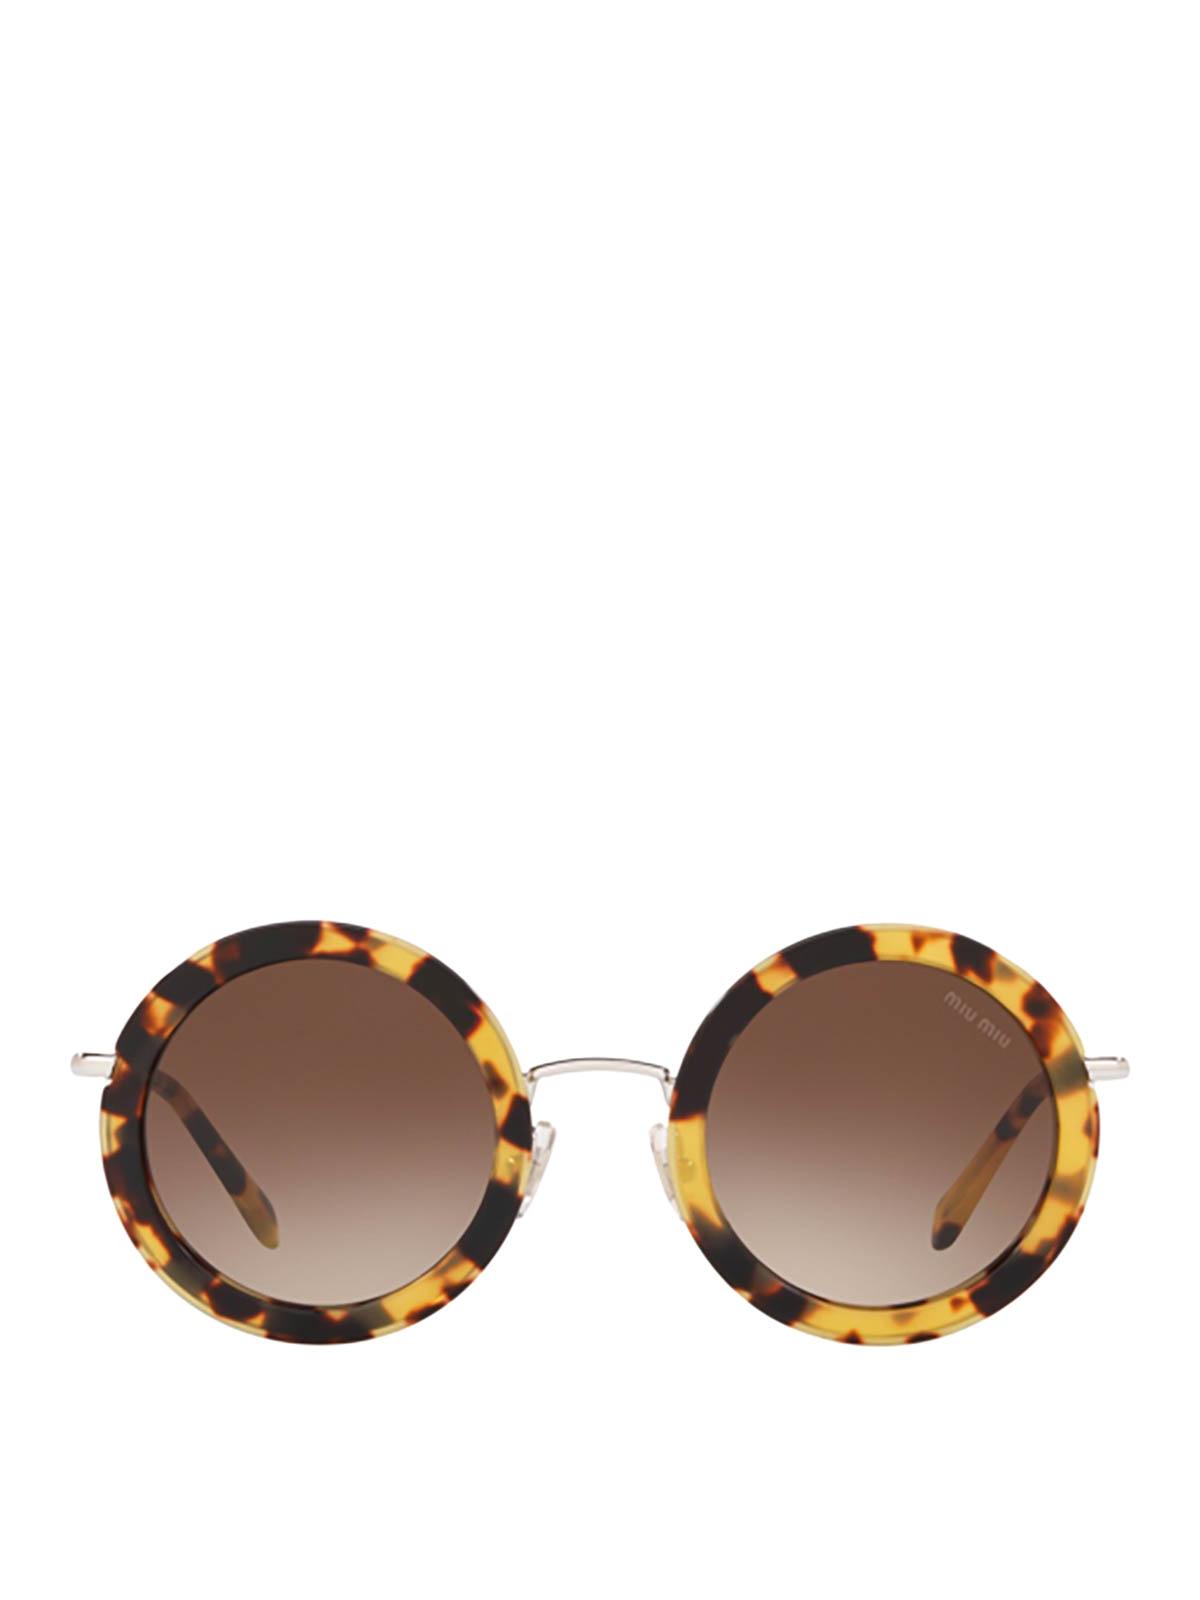 ziemlich billig neue sorten weit verbreitet Miu Miu - Sonnenbrille - Braun - Sonnenbrillen - MU59US ...